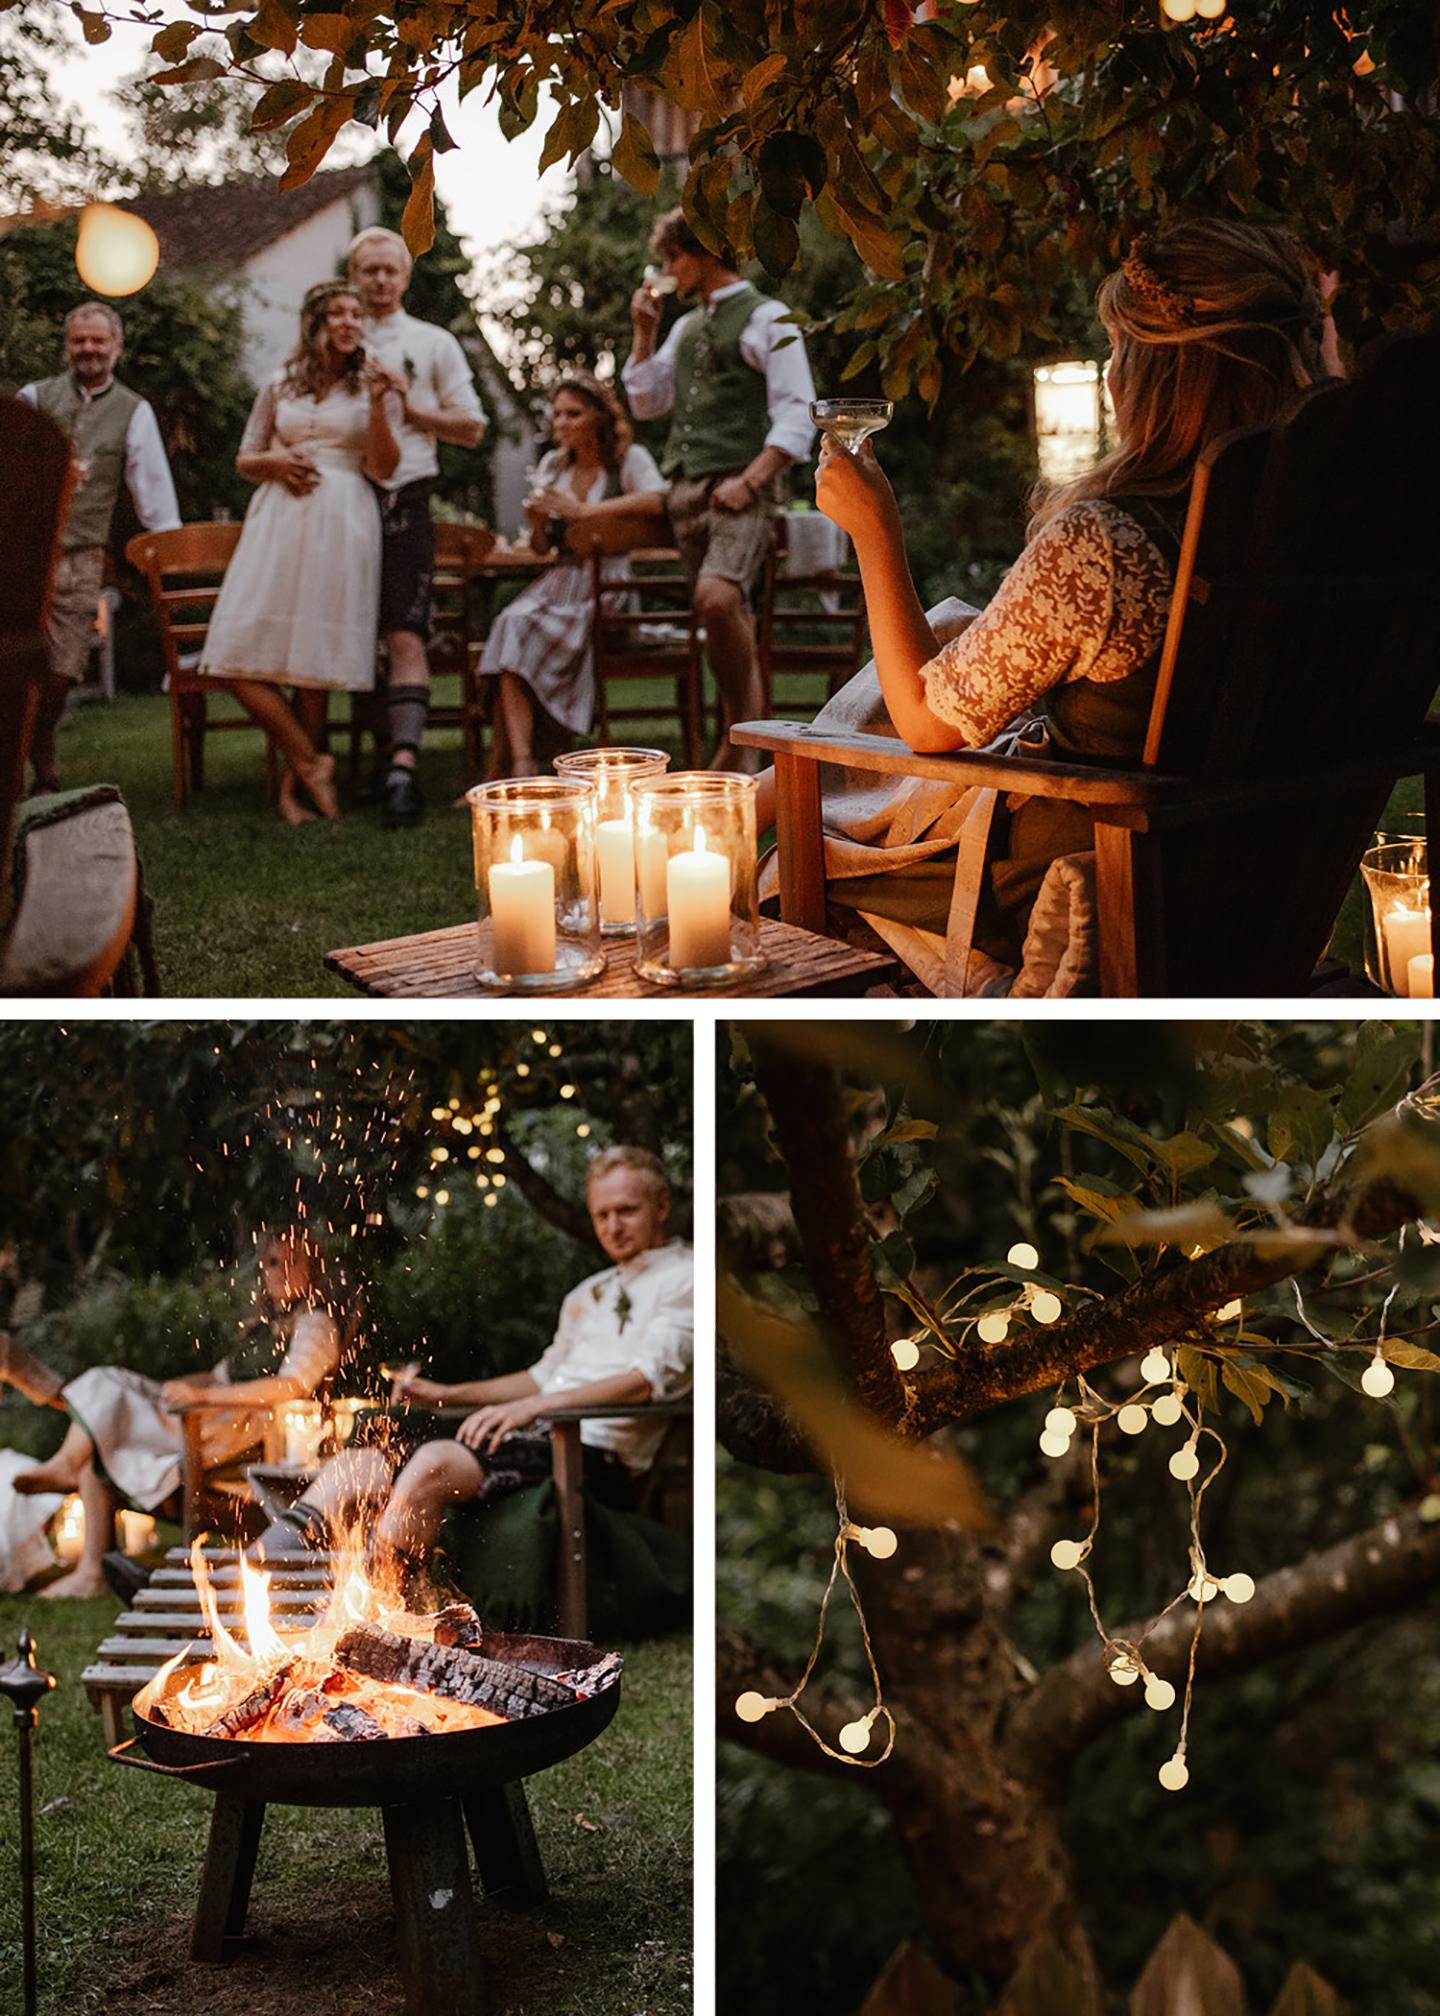 Der Garten wird in den späteren Abendstunden langsam in dämmerndes Licht eingehüllt. Die Gäste machen es sich an der Feuerstelle gemütlich und die Lichterketten in den Bäumen spenden Licht.